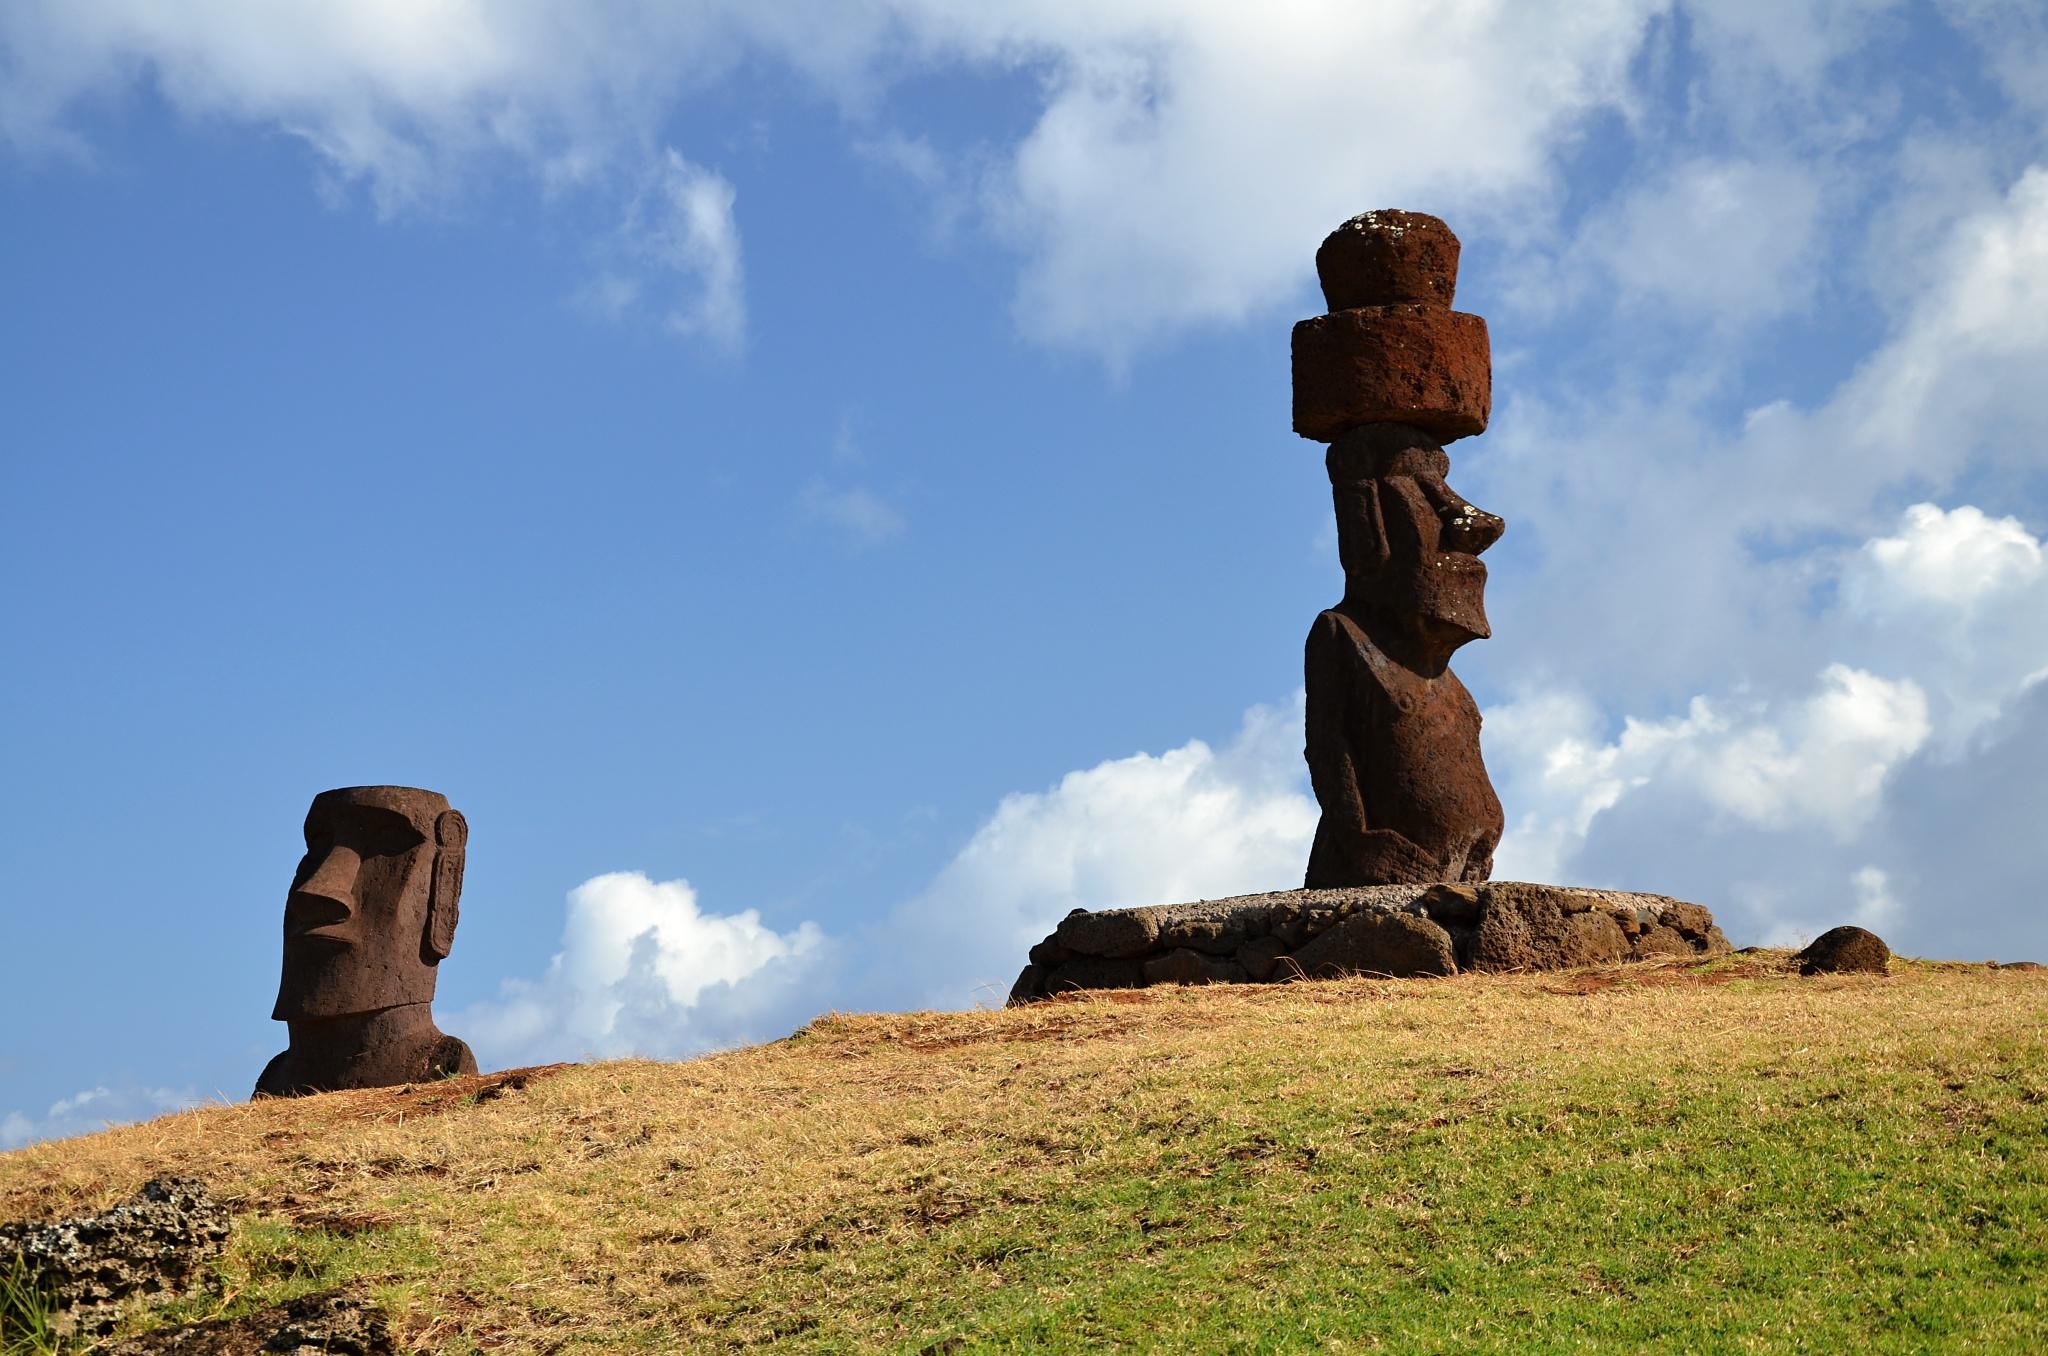 Dvojice Moai, jedna z nich se slušivým kloboučkem